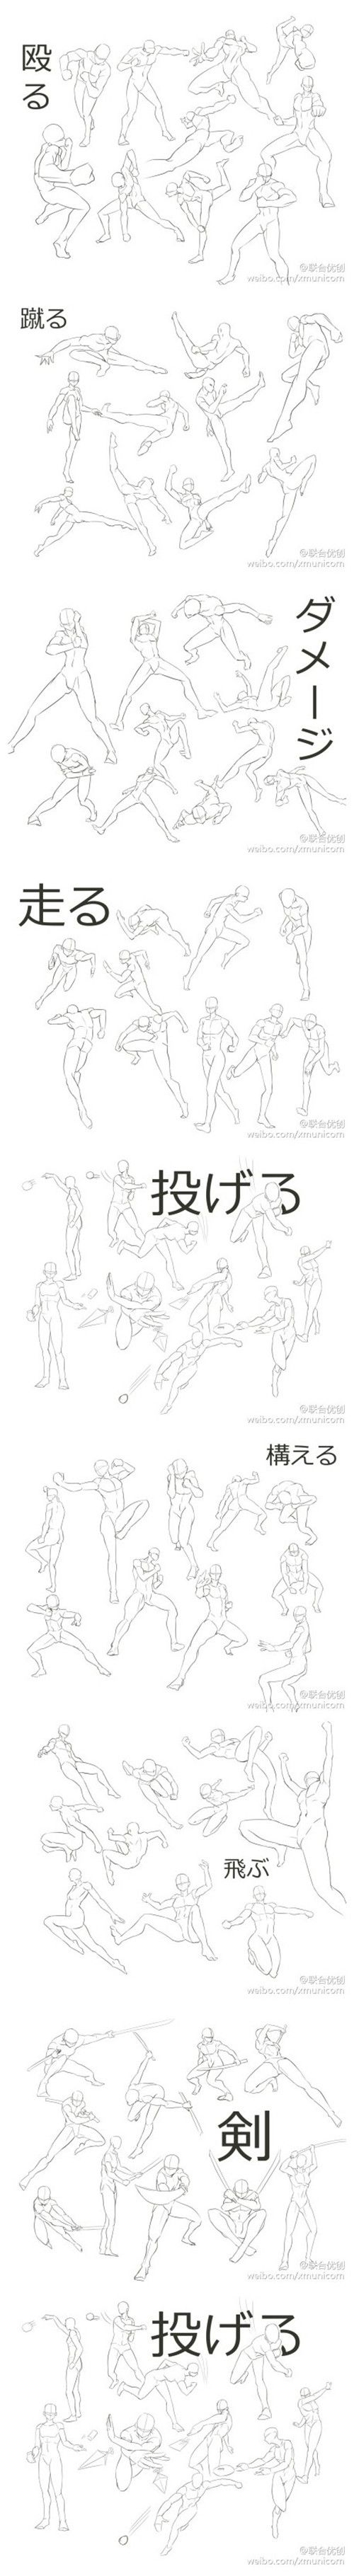 Pin de Jeovana en Cuerpos y poses | Pinterest | Anatomía, Bocetos y ...